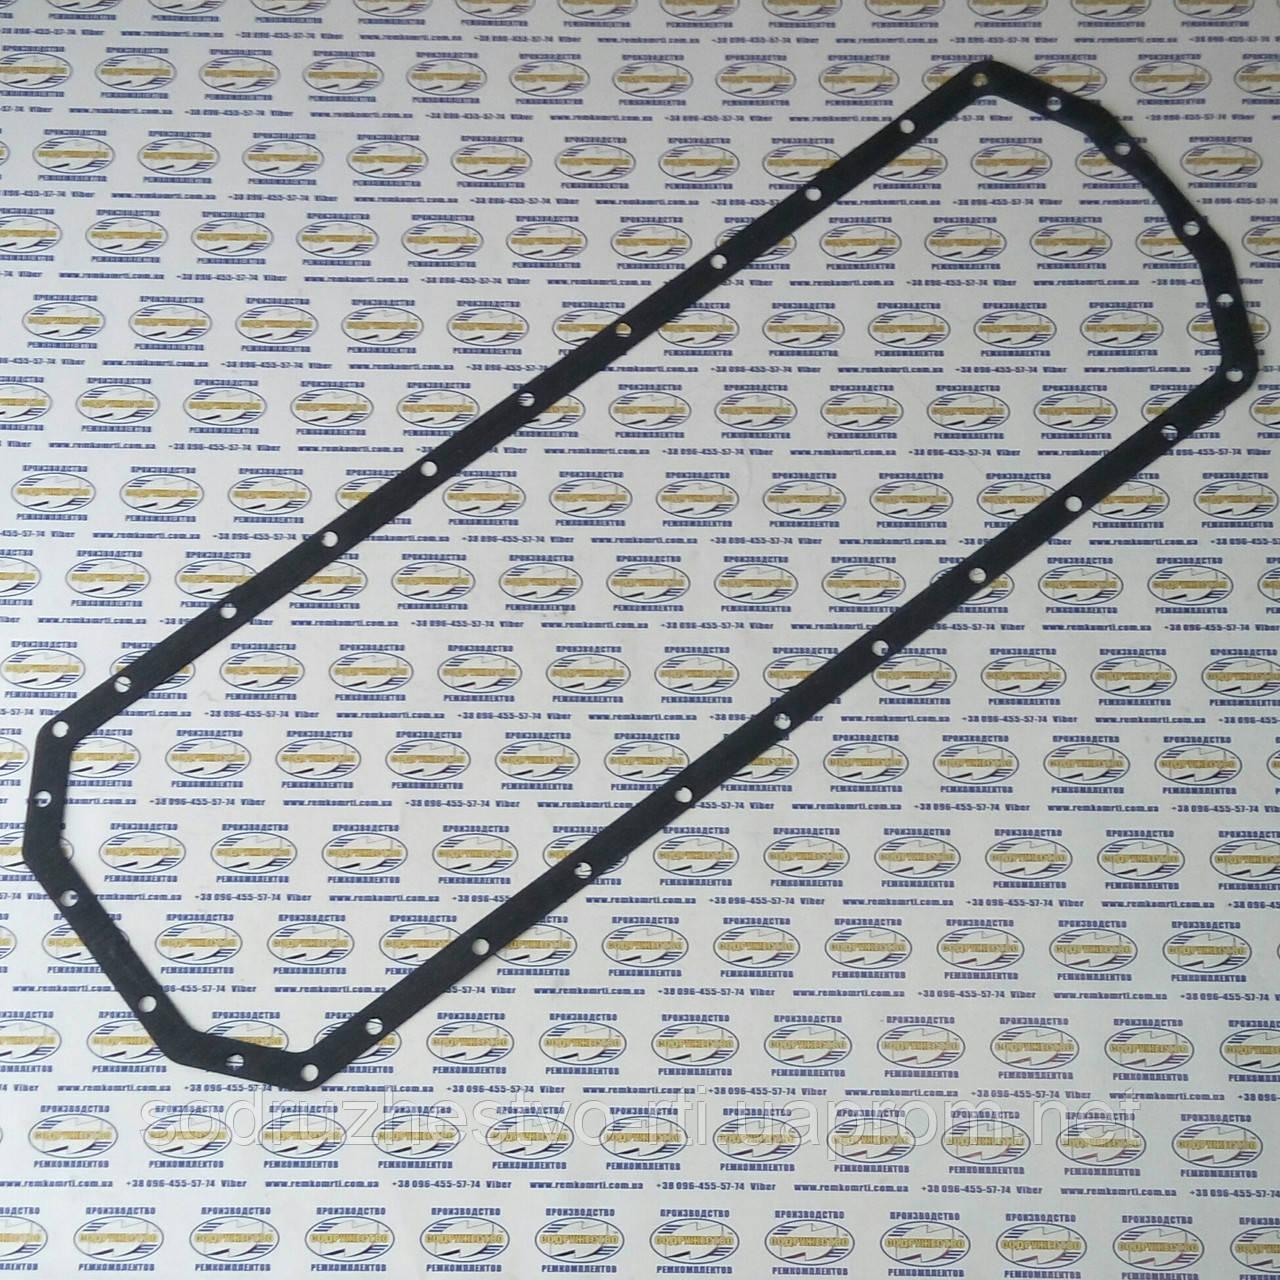 Прокладка поддона Д-260 МТЗ цельный (260-100 9002) (паронит-1,5 мм)